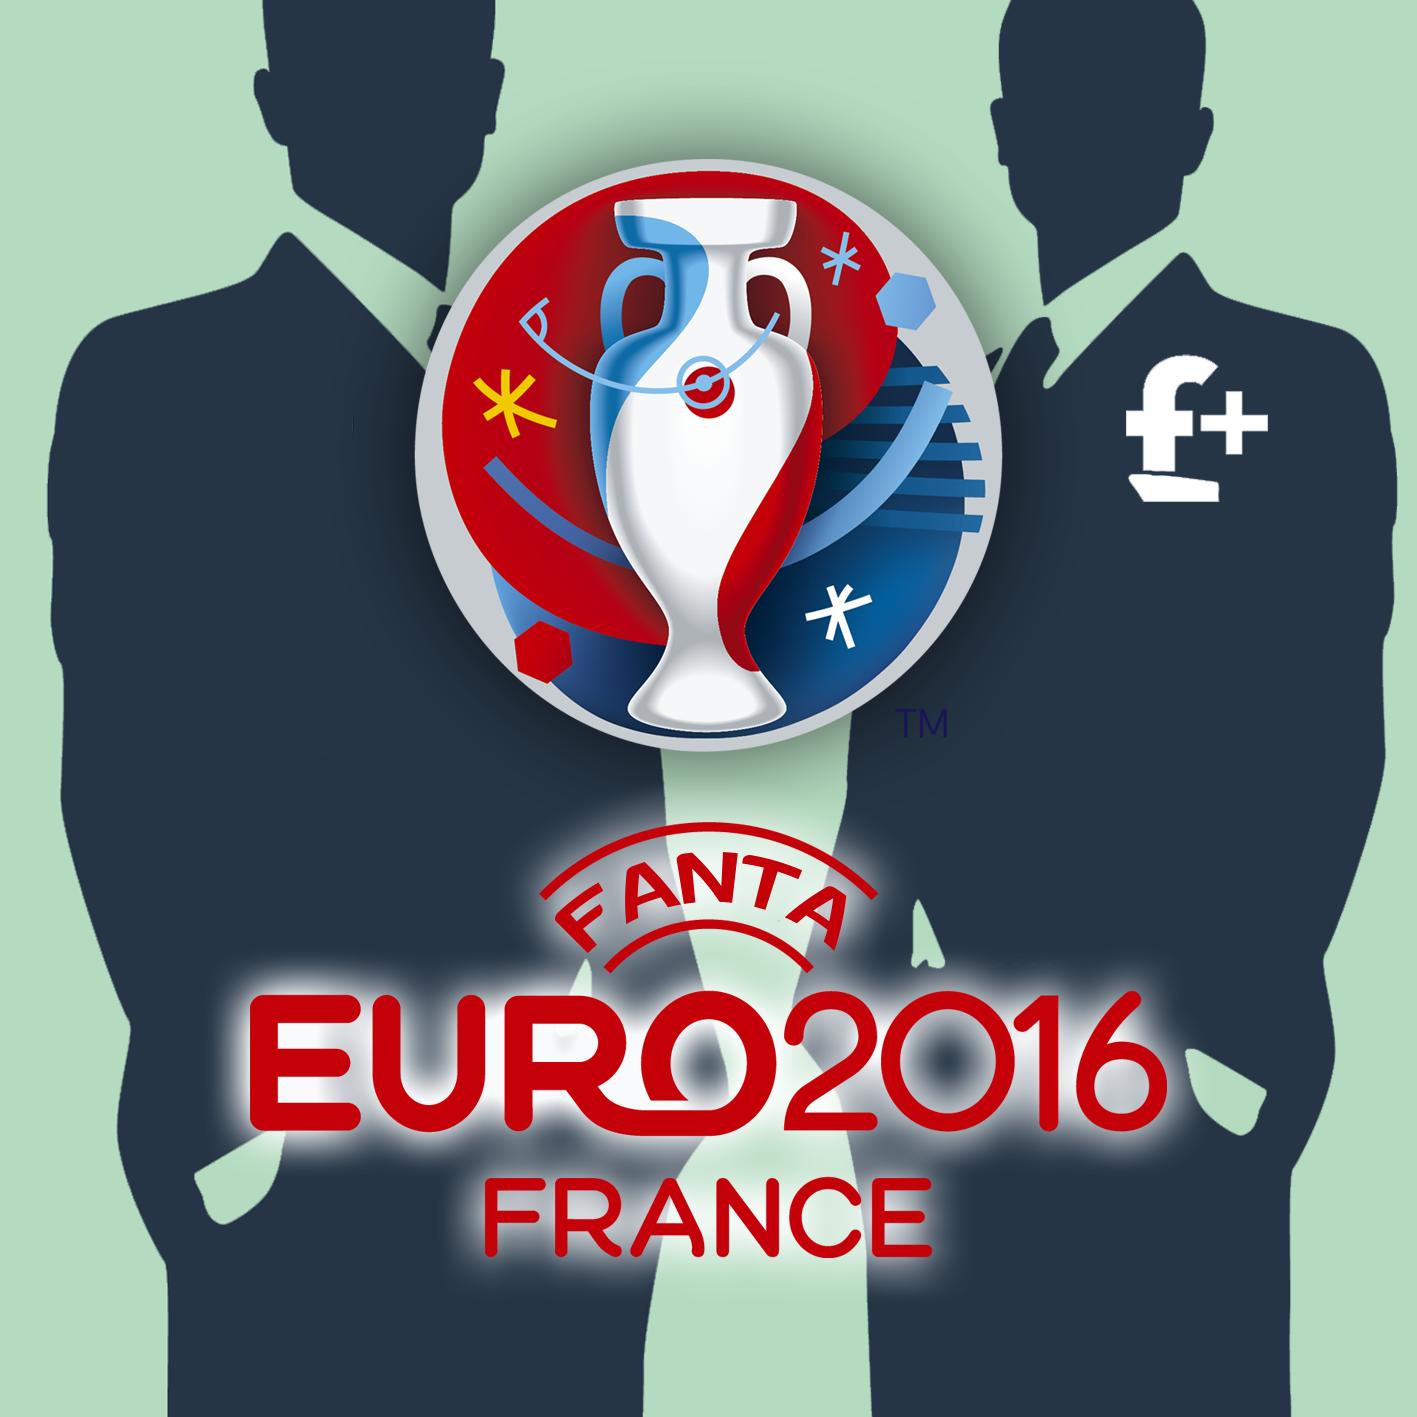 Fantaeuropeo: Al via il Fanta+Europeo 2016 di Fantacalcio+